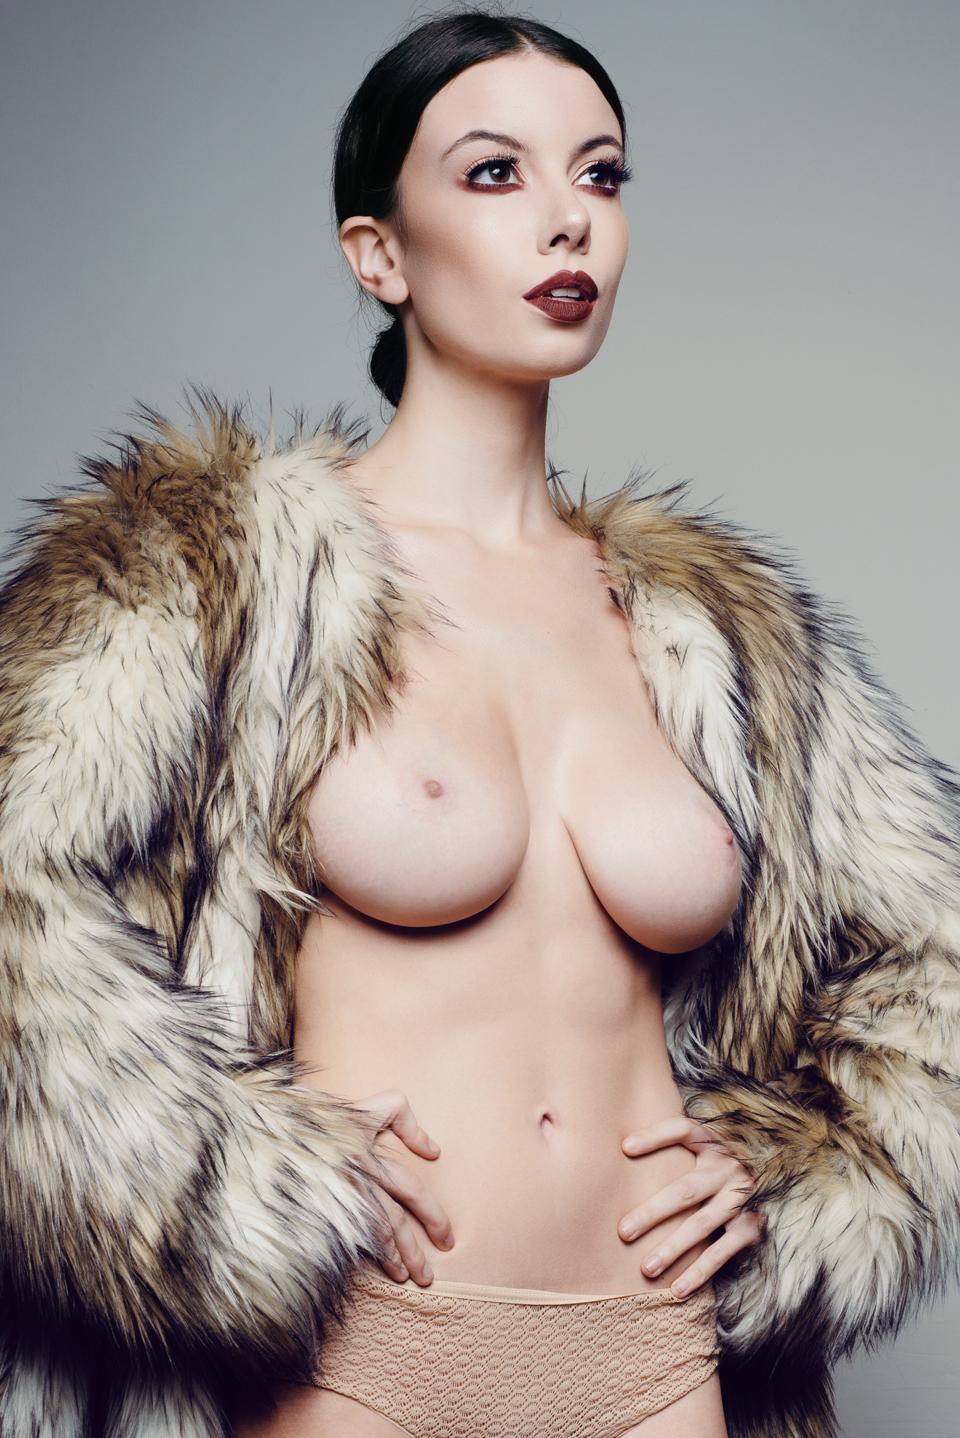 Nude photoshoot of olivia rose naked (77 photos), Instagram Celebrity photos